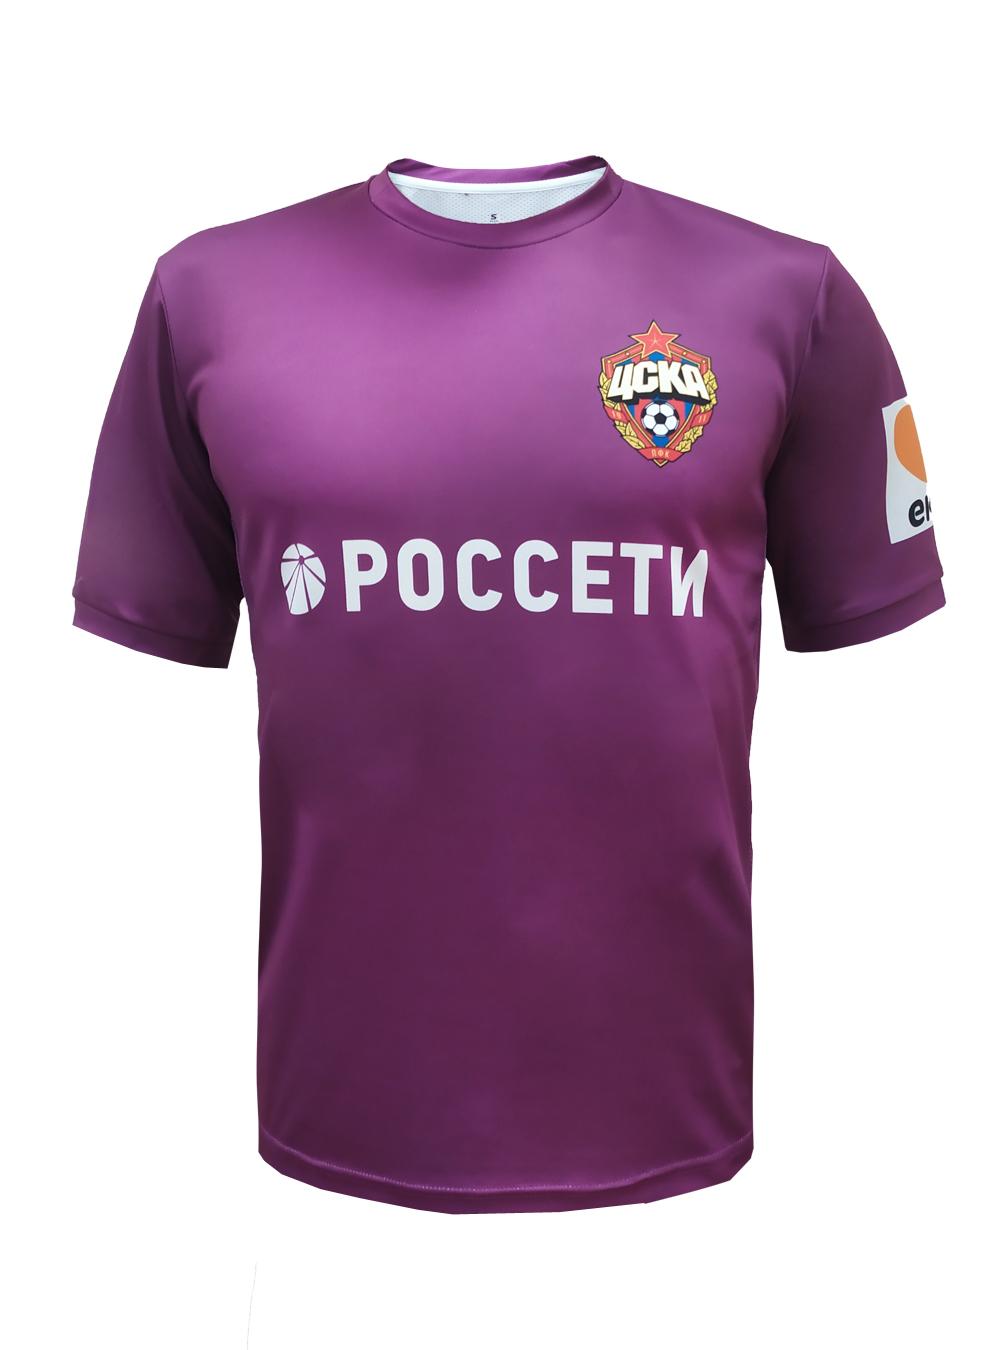 Свитер вратарский детский реплика 2019/2020, цвет фиолетовый (140)